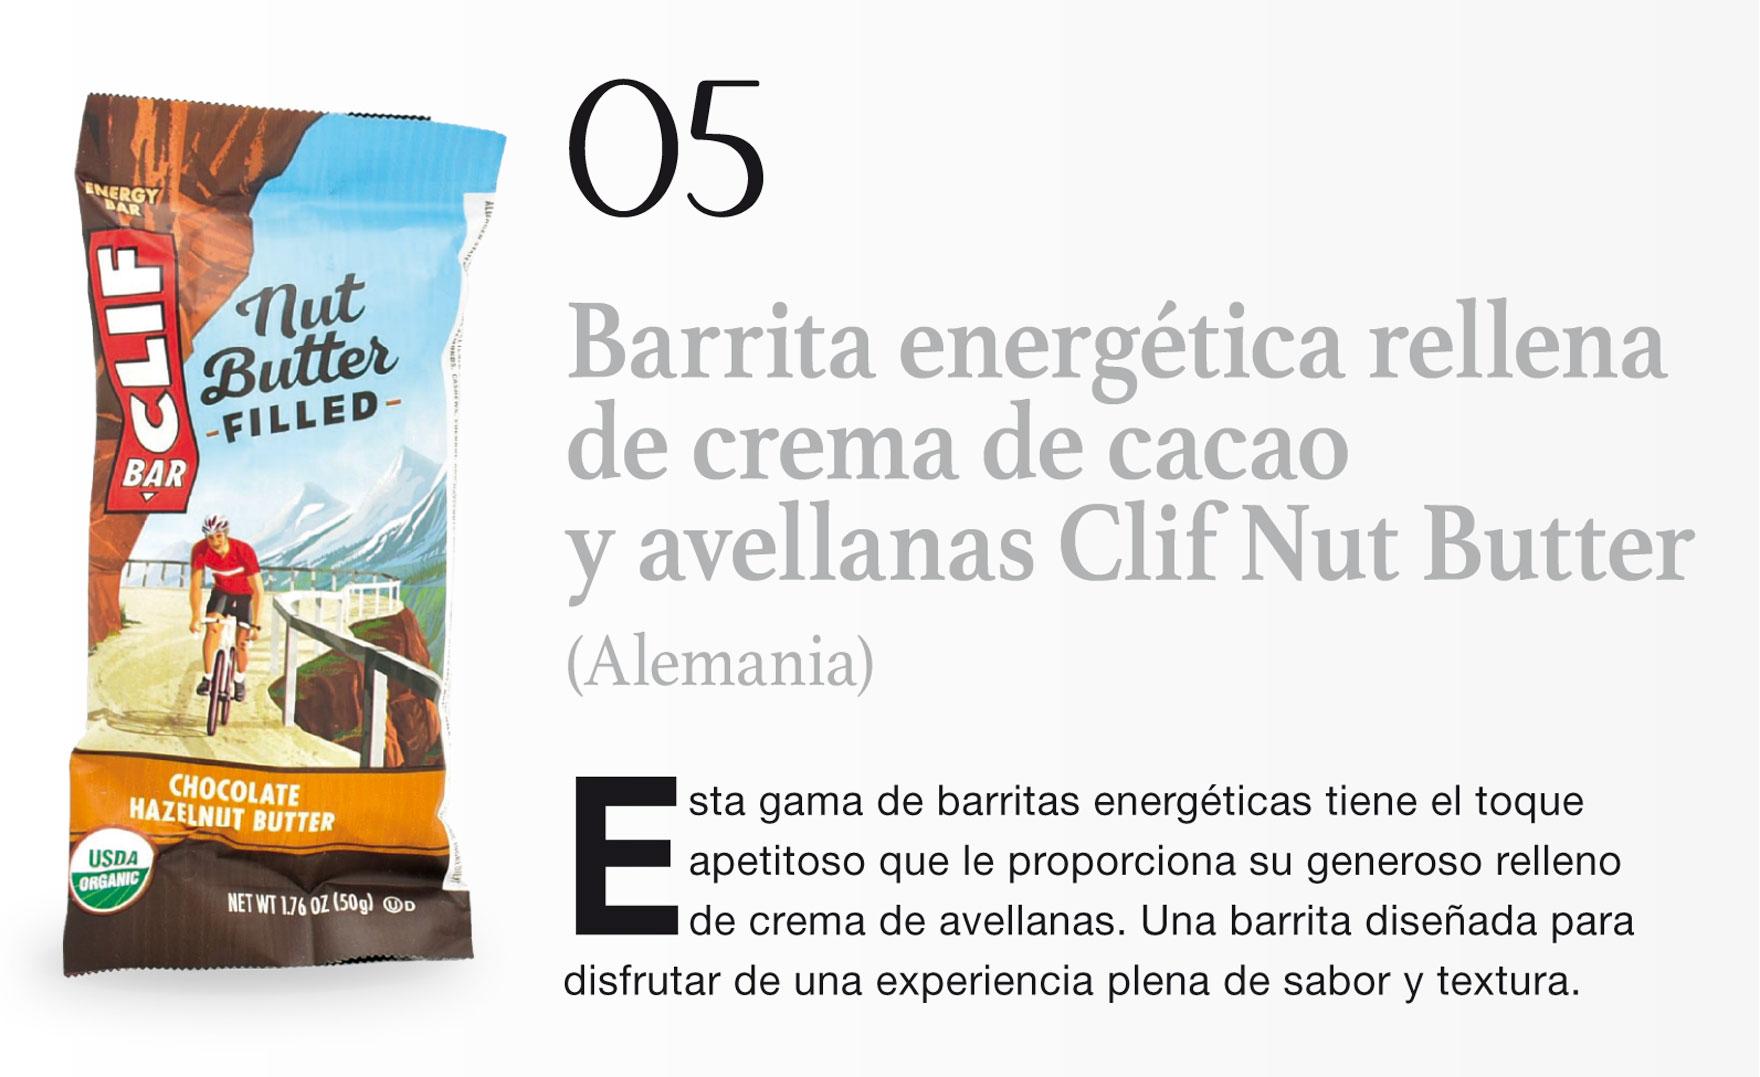 Barrita energética rellena de crema de cacao y avellanas Clif Nut Butter (Alemania)